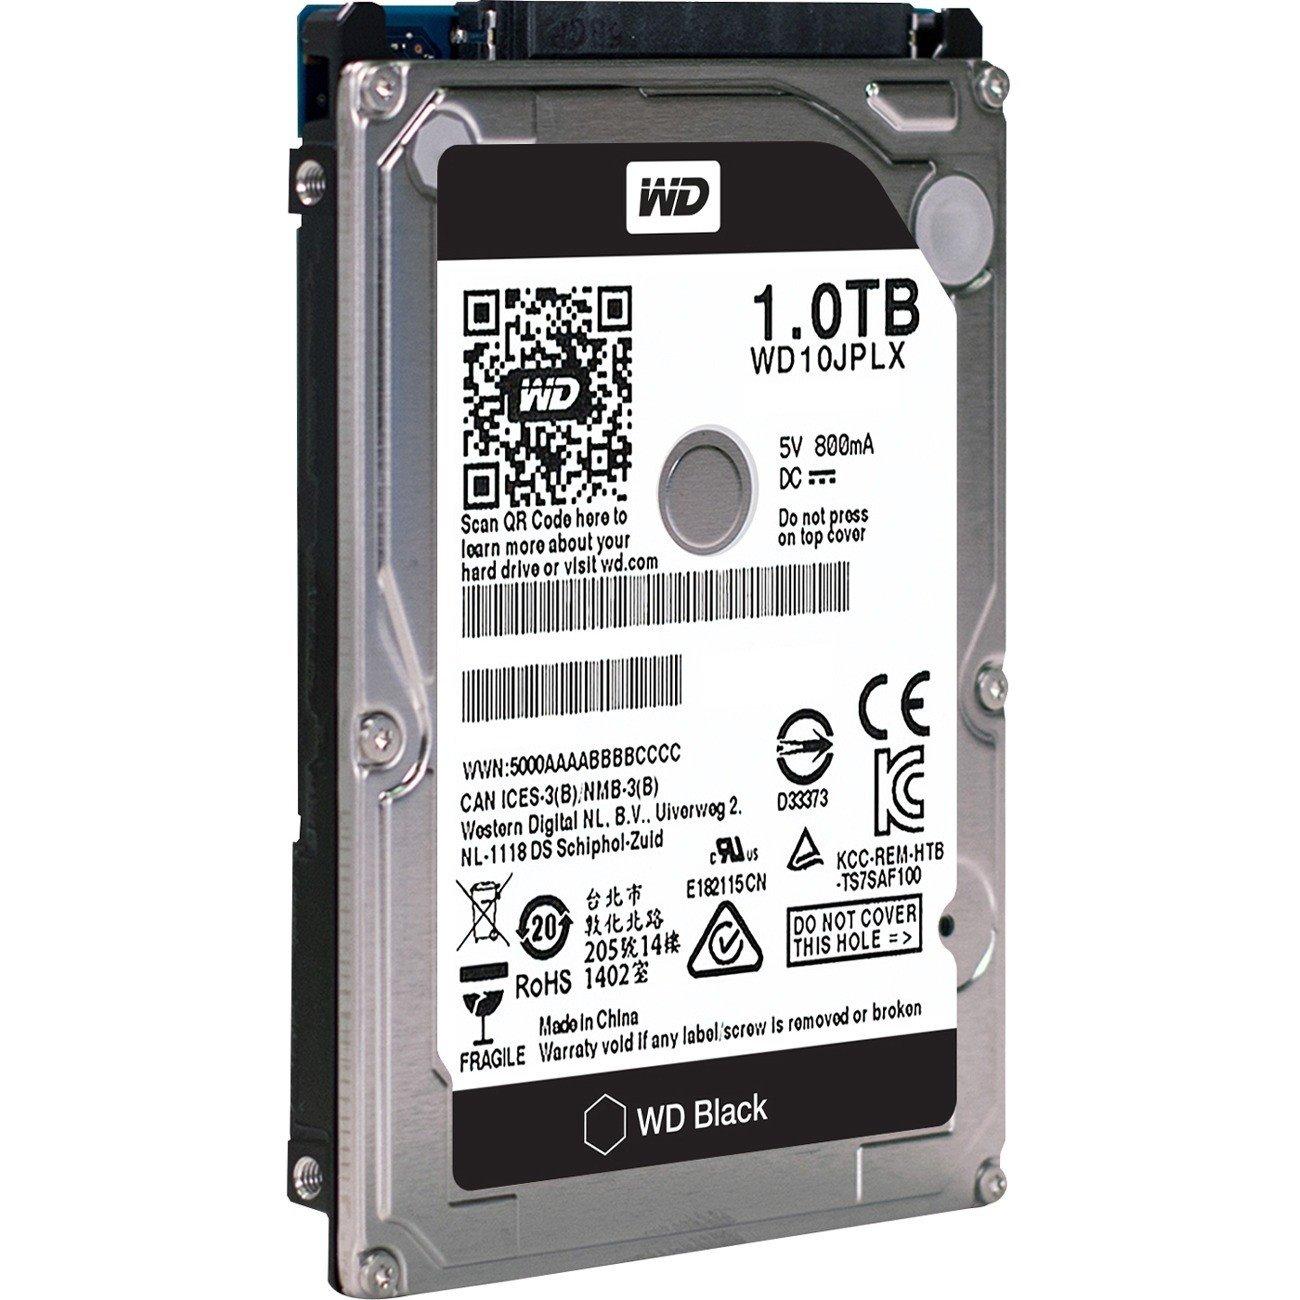 """WD Black WD10JPLX 1 TB Hard Drive - SATA (SATA/600) - 2.5"""" Drive - Internal"""